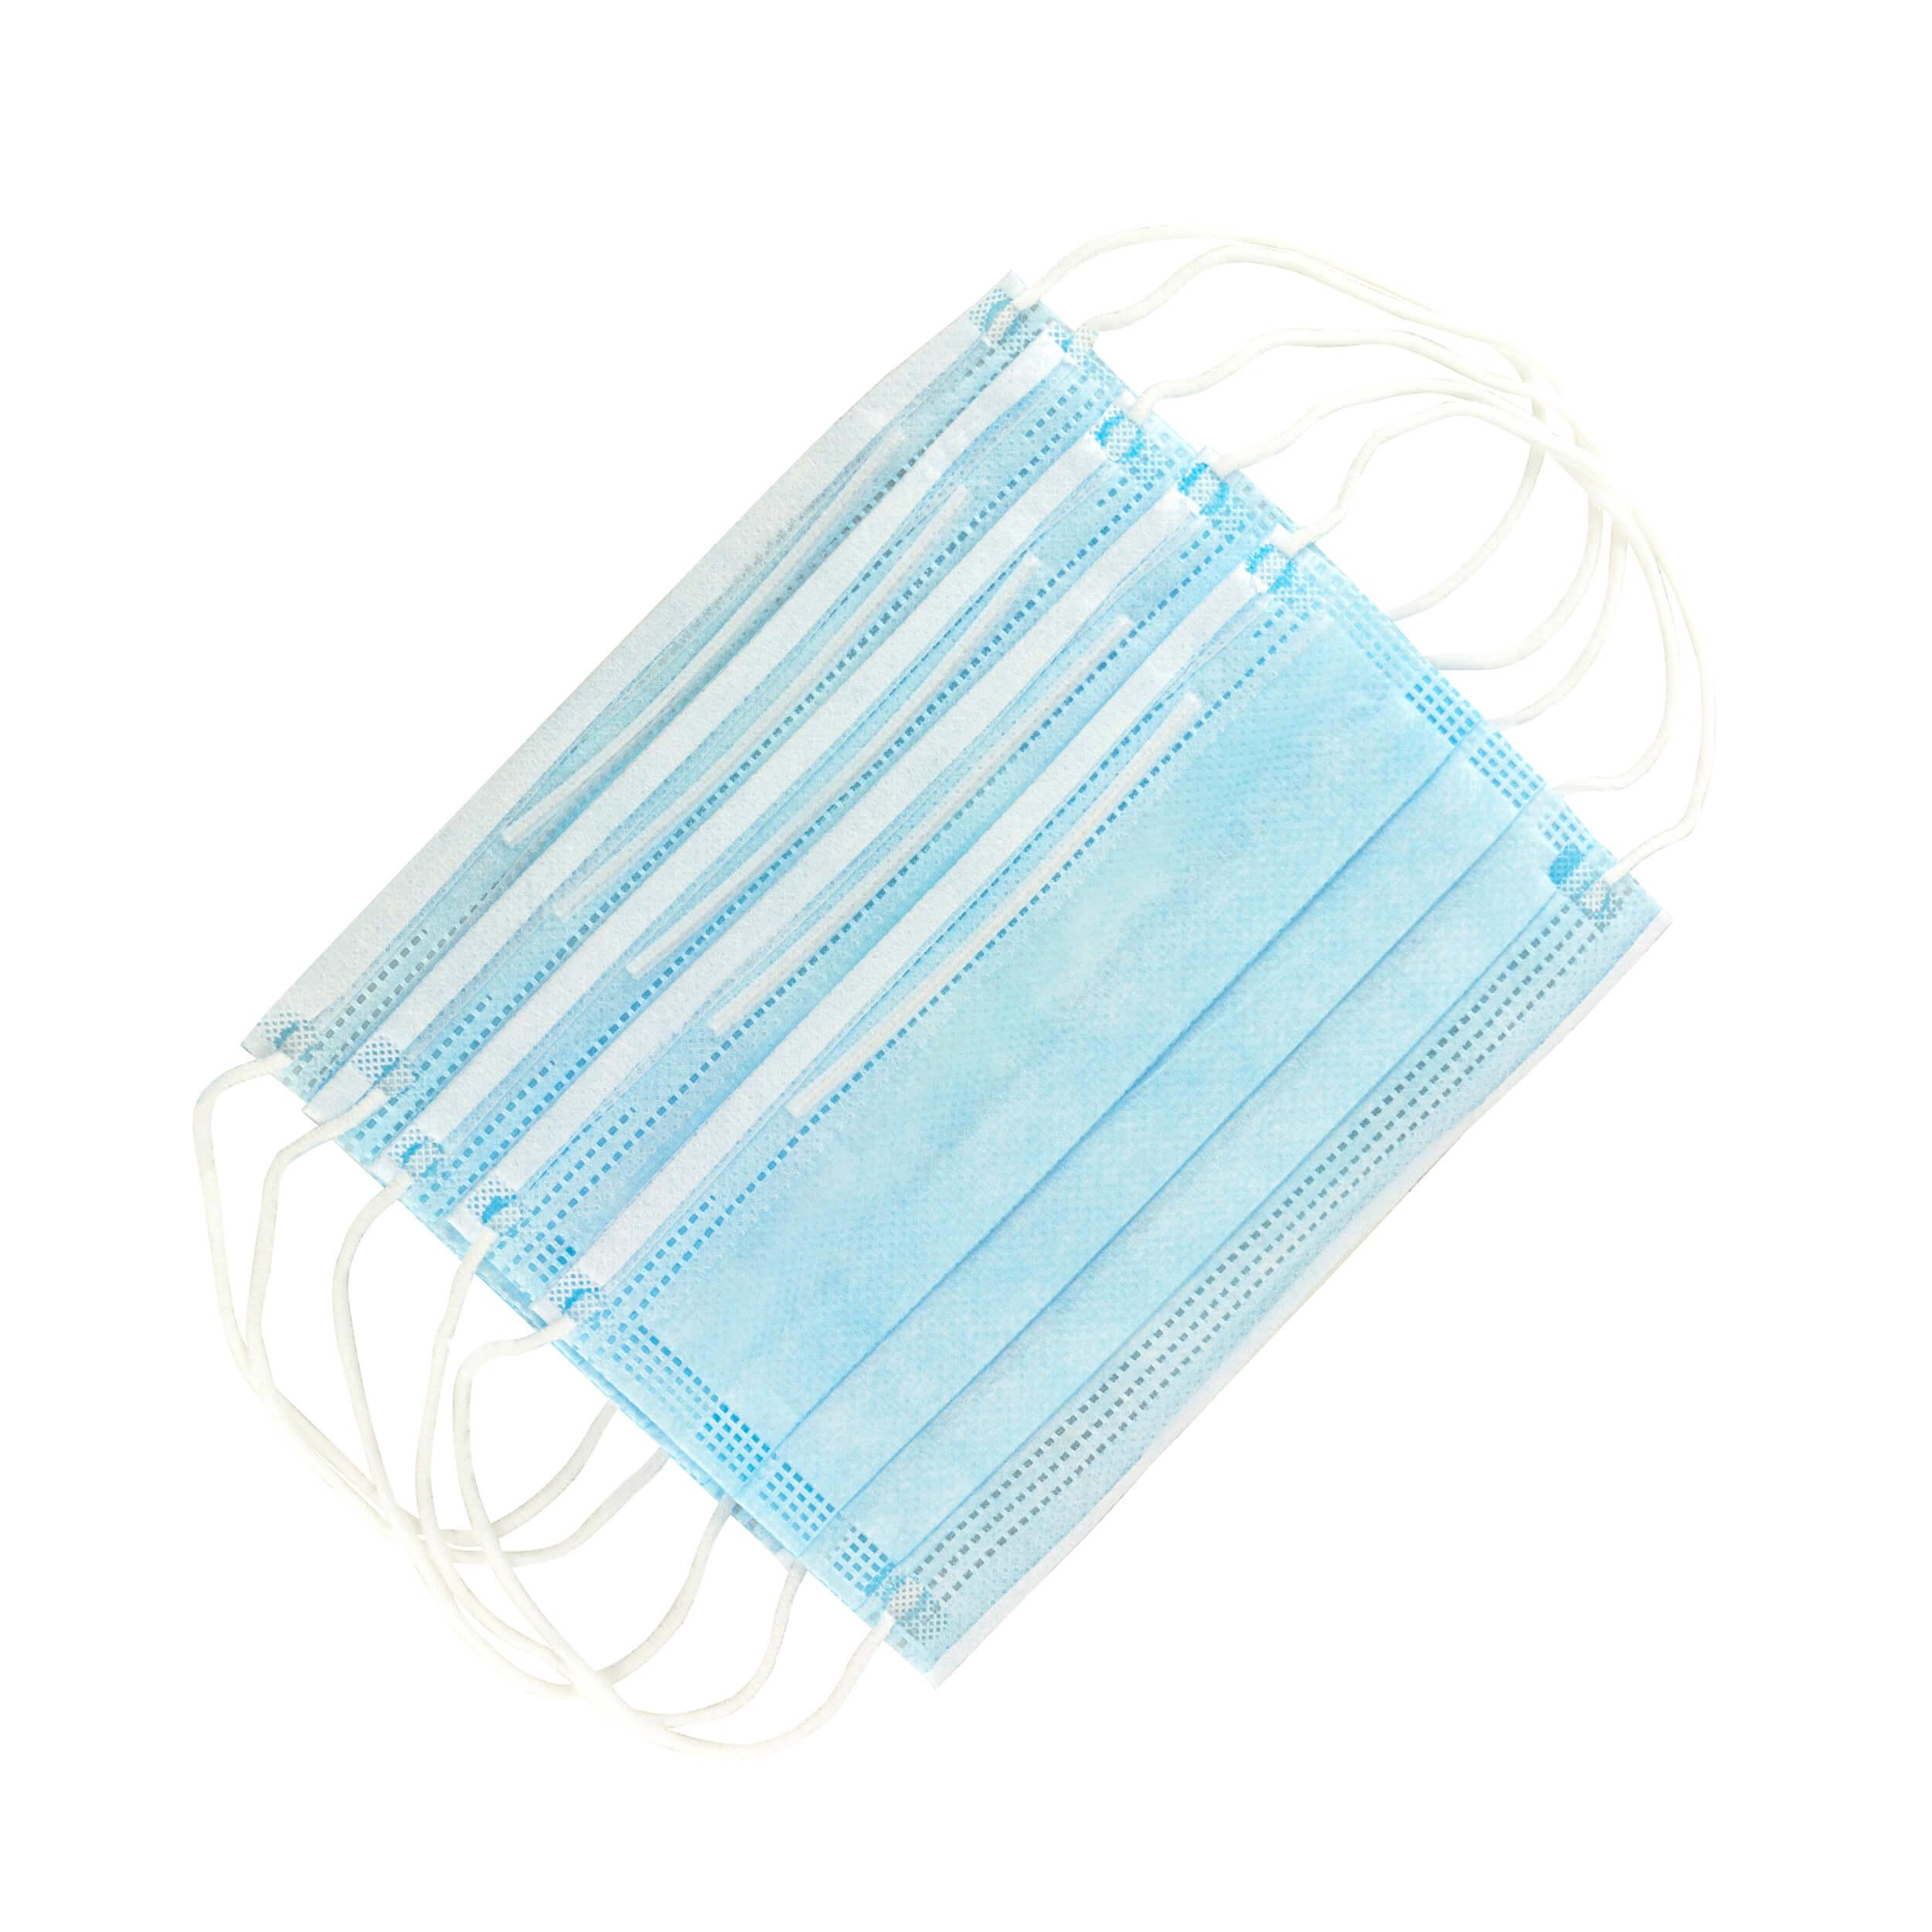 Mund-Nasen Bedeckung - Box mit 50 Stück, 3-lagig.  Gesichtsmasken-Mundschutz TYP1 mit FDA Registrierung 195 g